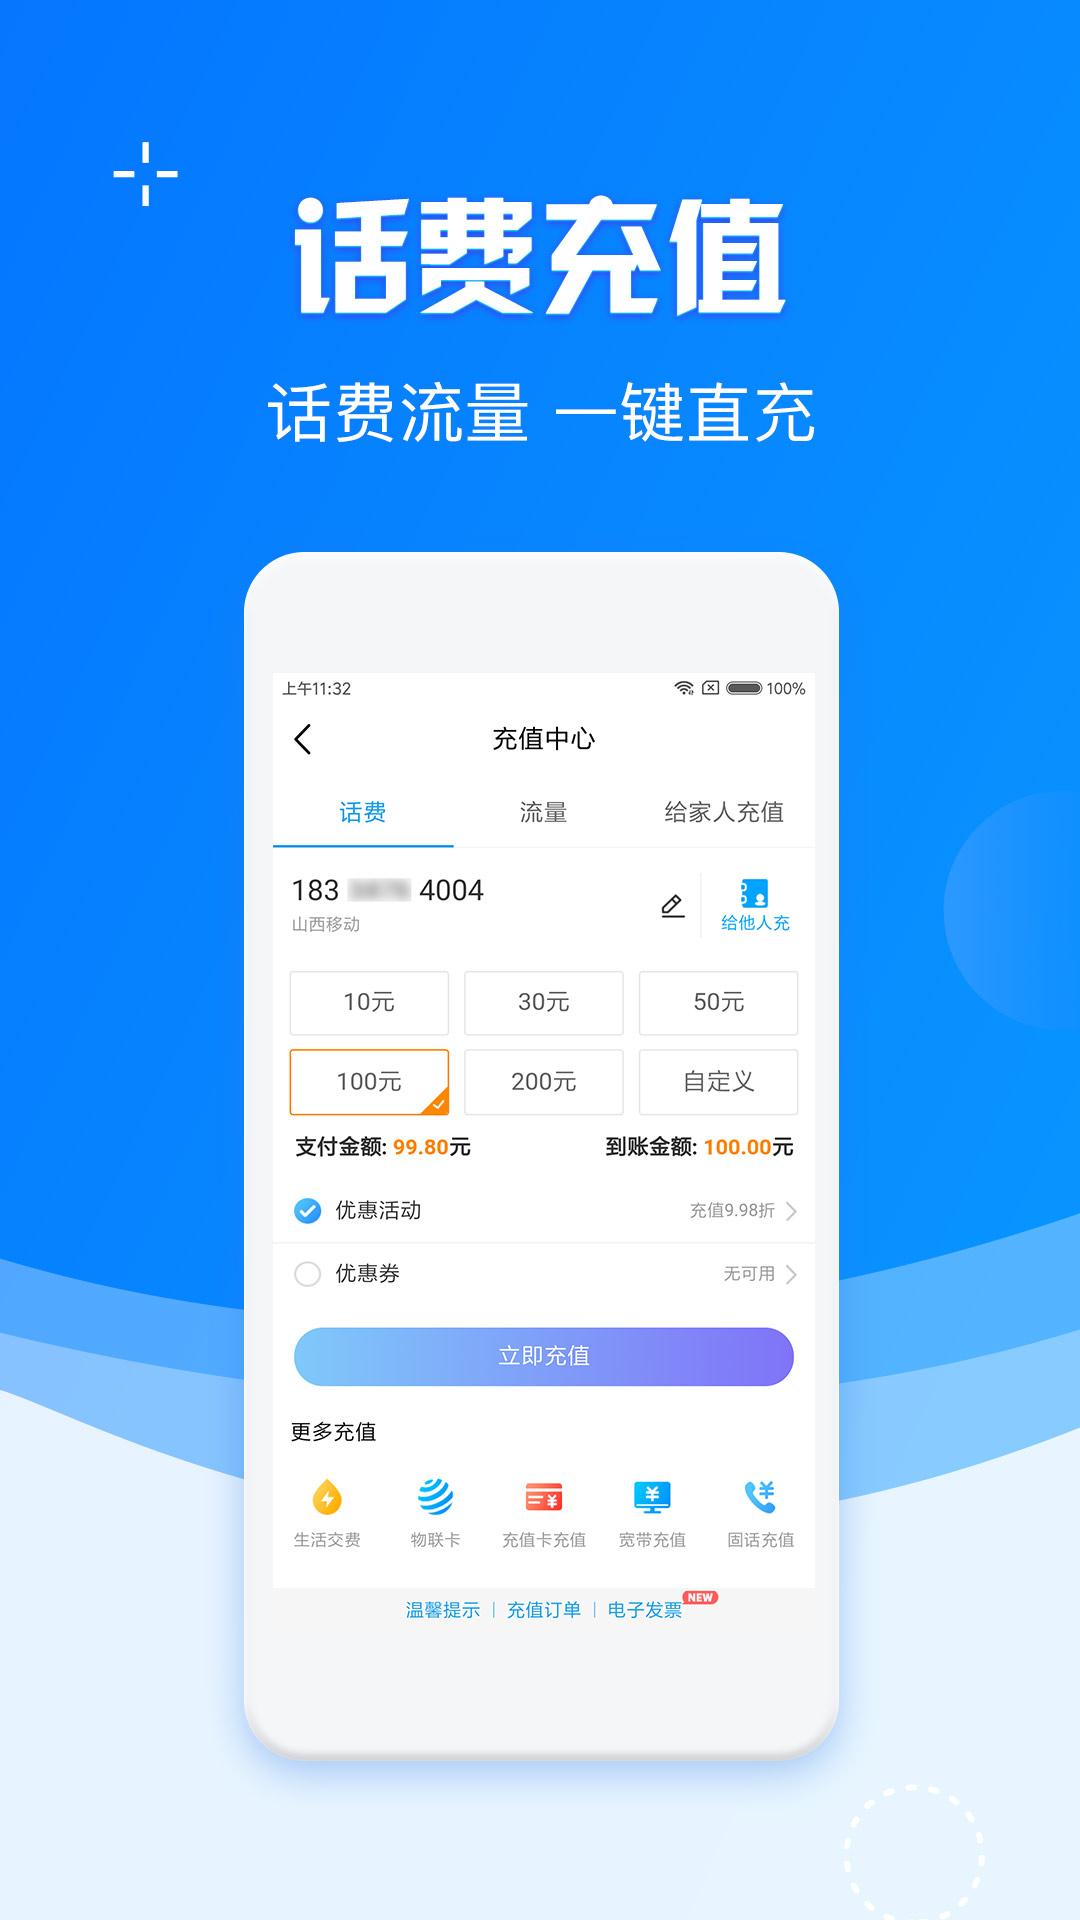 中国移动手机营业厅 V6.1.0 安卓版截图5